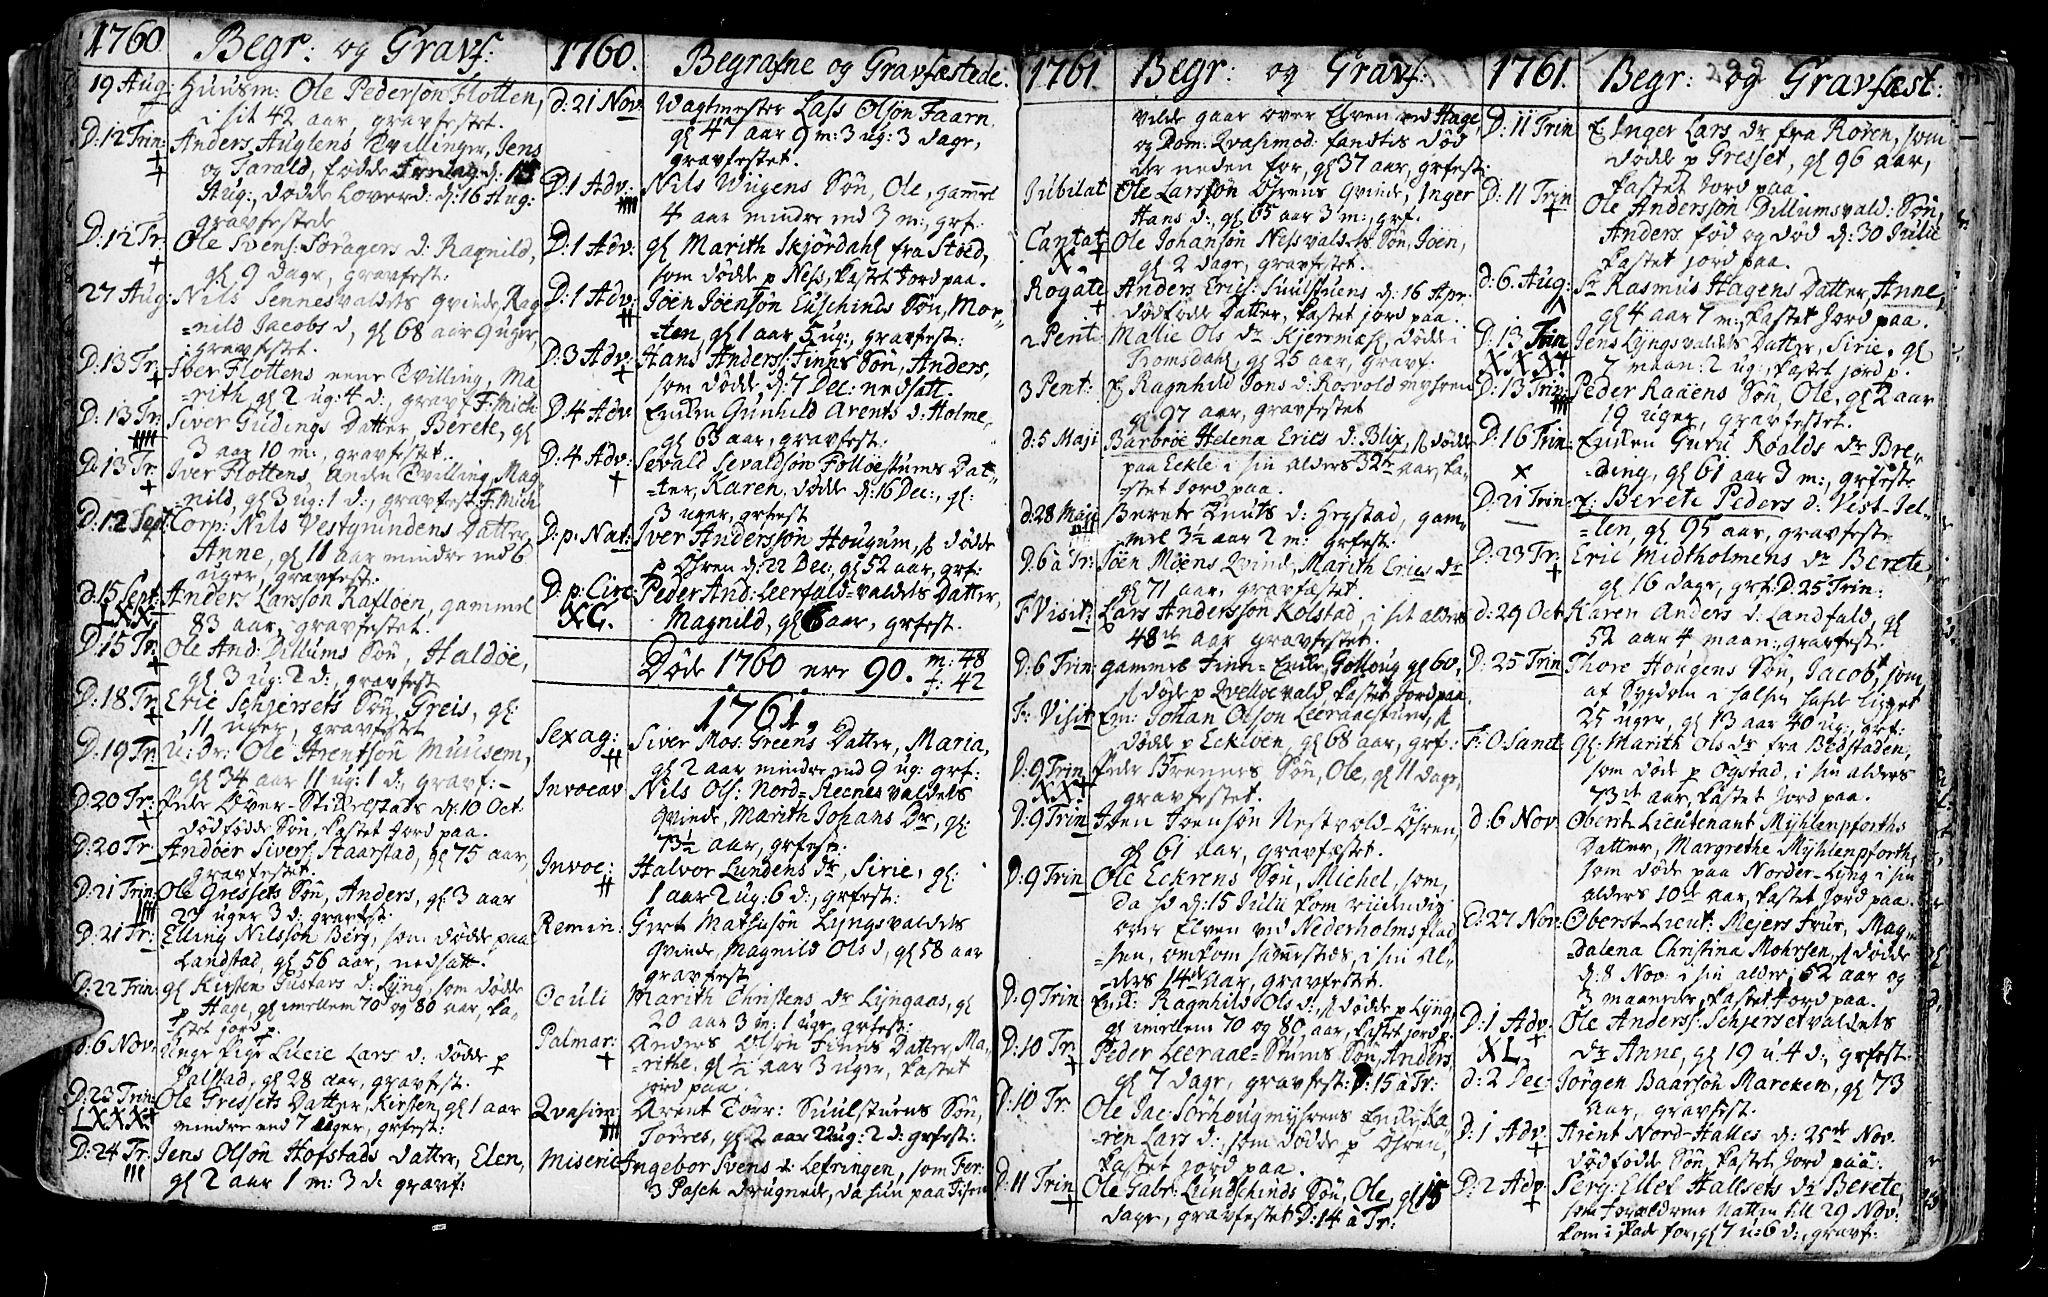 SAT, Ministerialprotokoller, klokkerbøker og fødselsregistre - Nord-Trøndelag, 723/L0231: Ministerialbok nr. 723A02, 1748-1780, s. 299